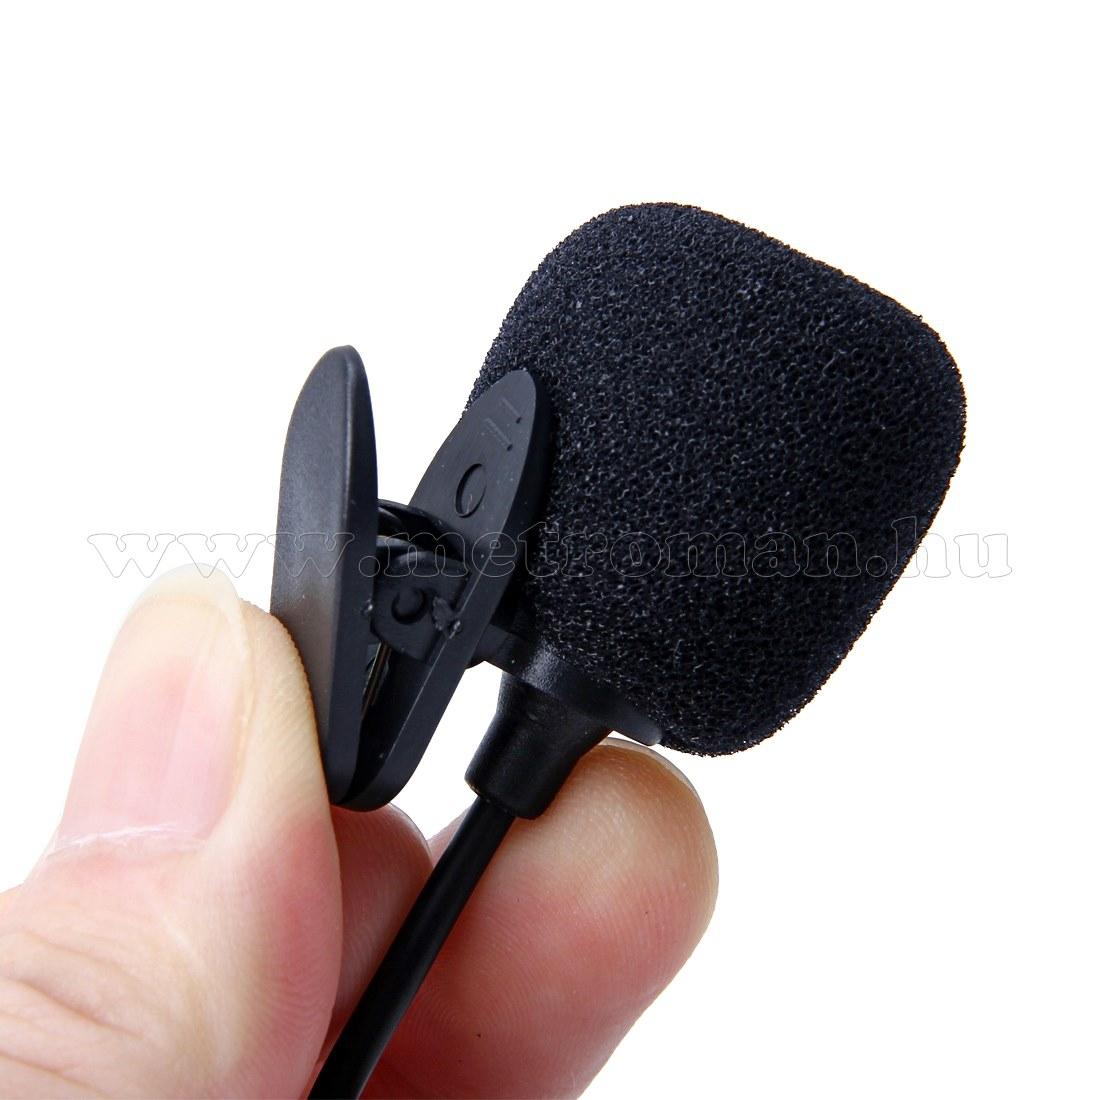 Csíptethető mini mikrofon M6499